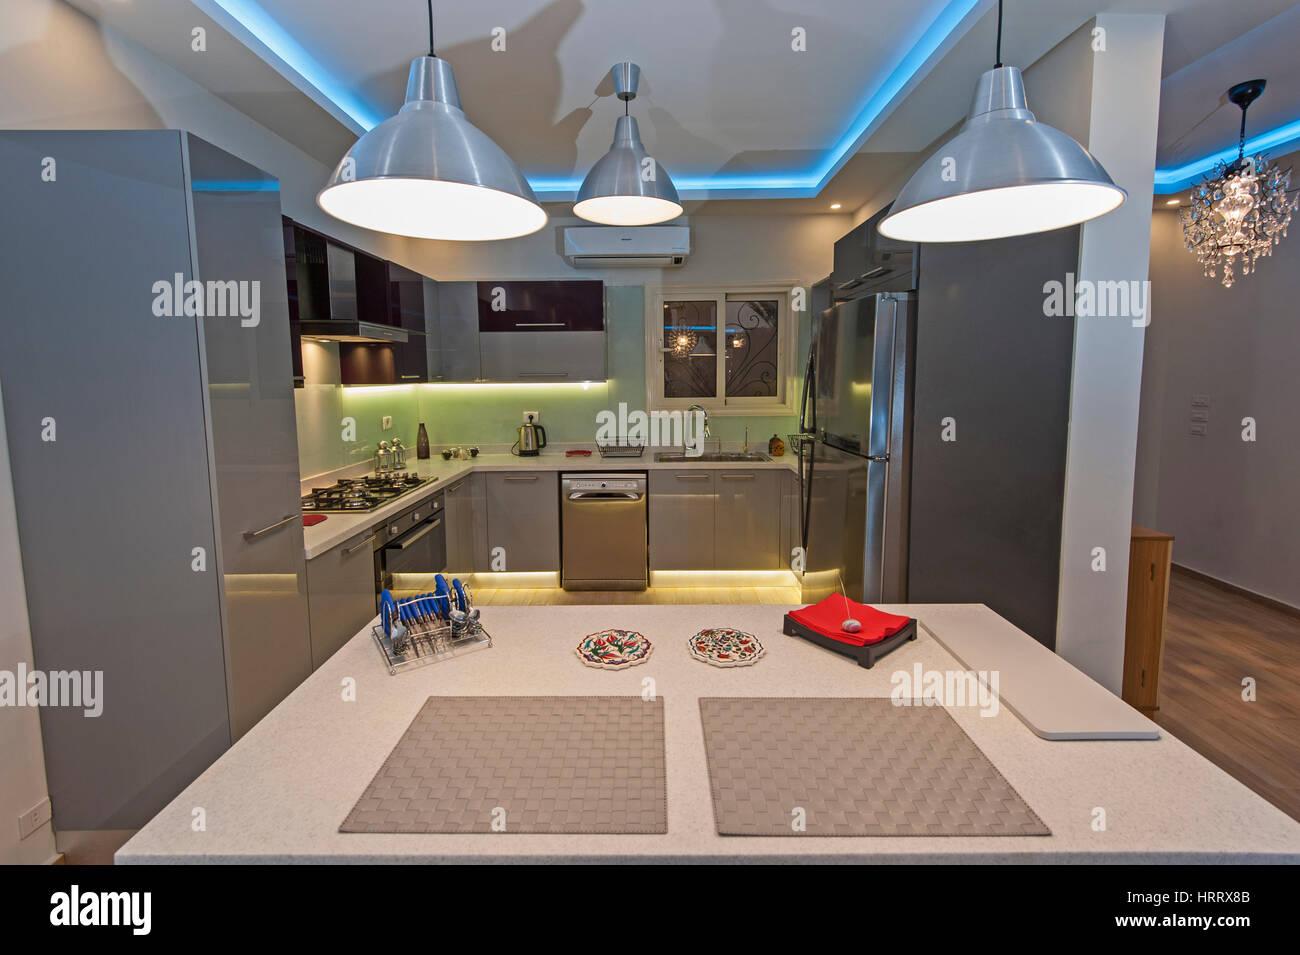 Interior Design Einrichtung, Moderne Küche Und Geräte In Luxus Apartment  Showroom